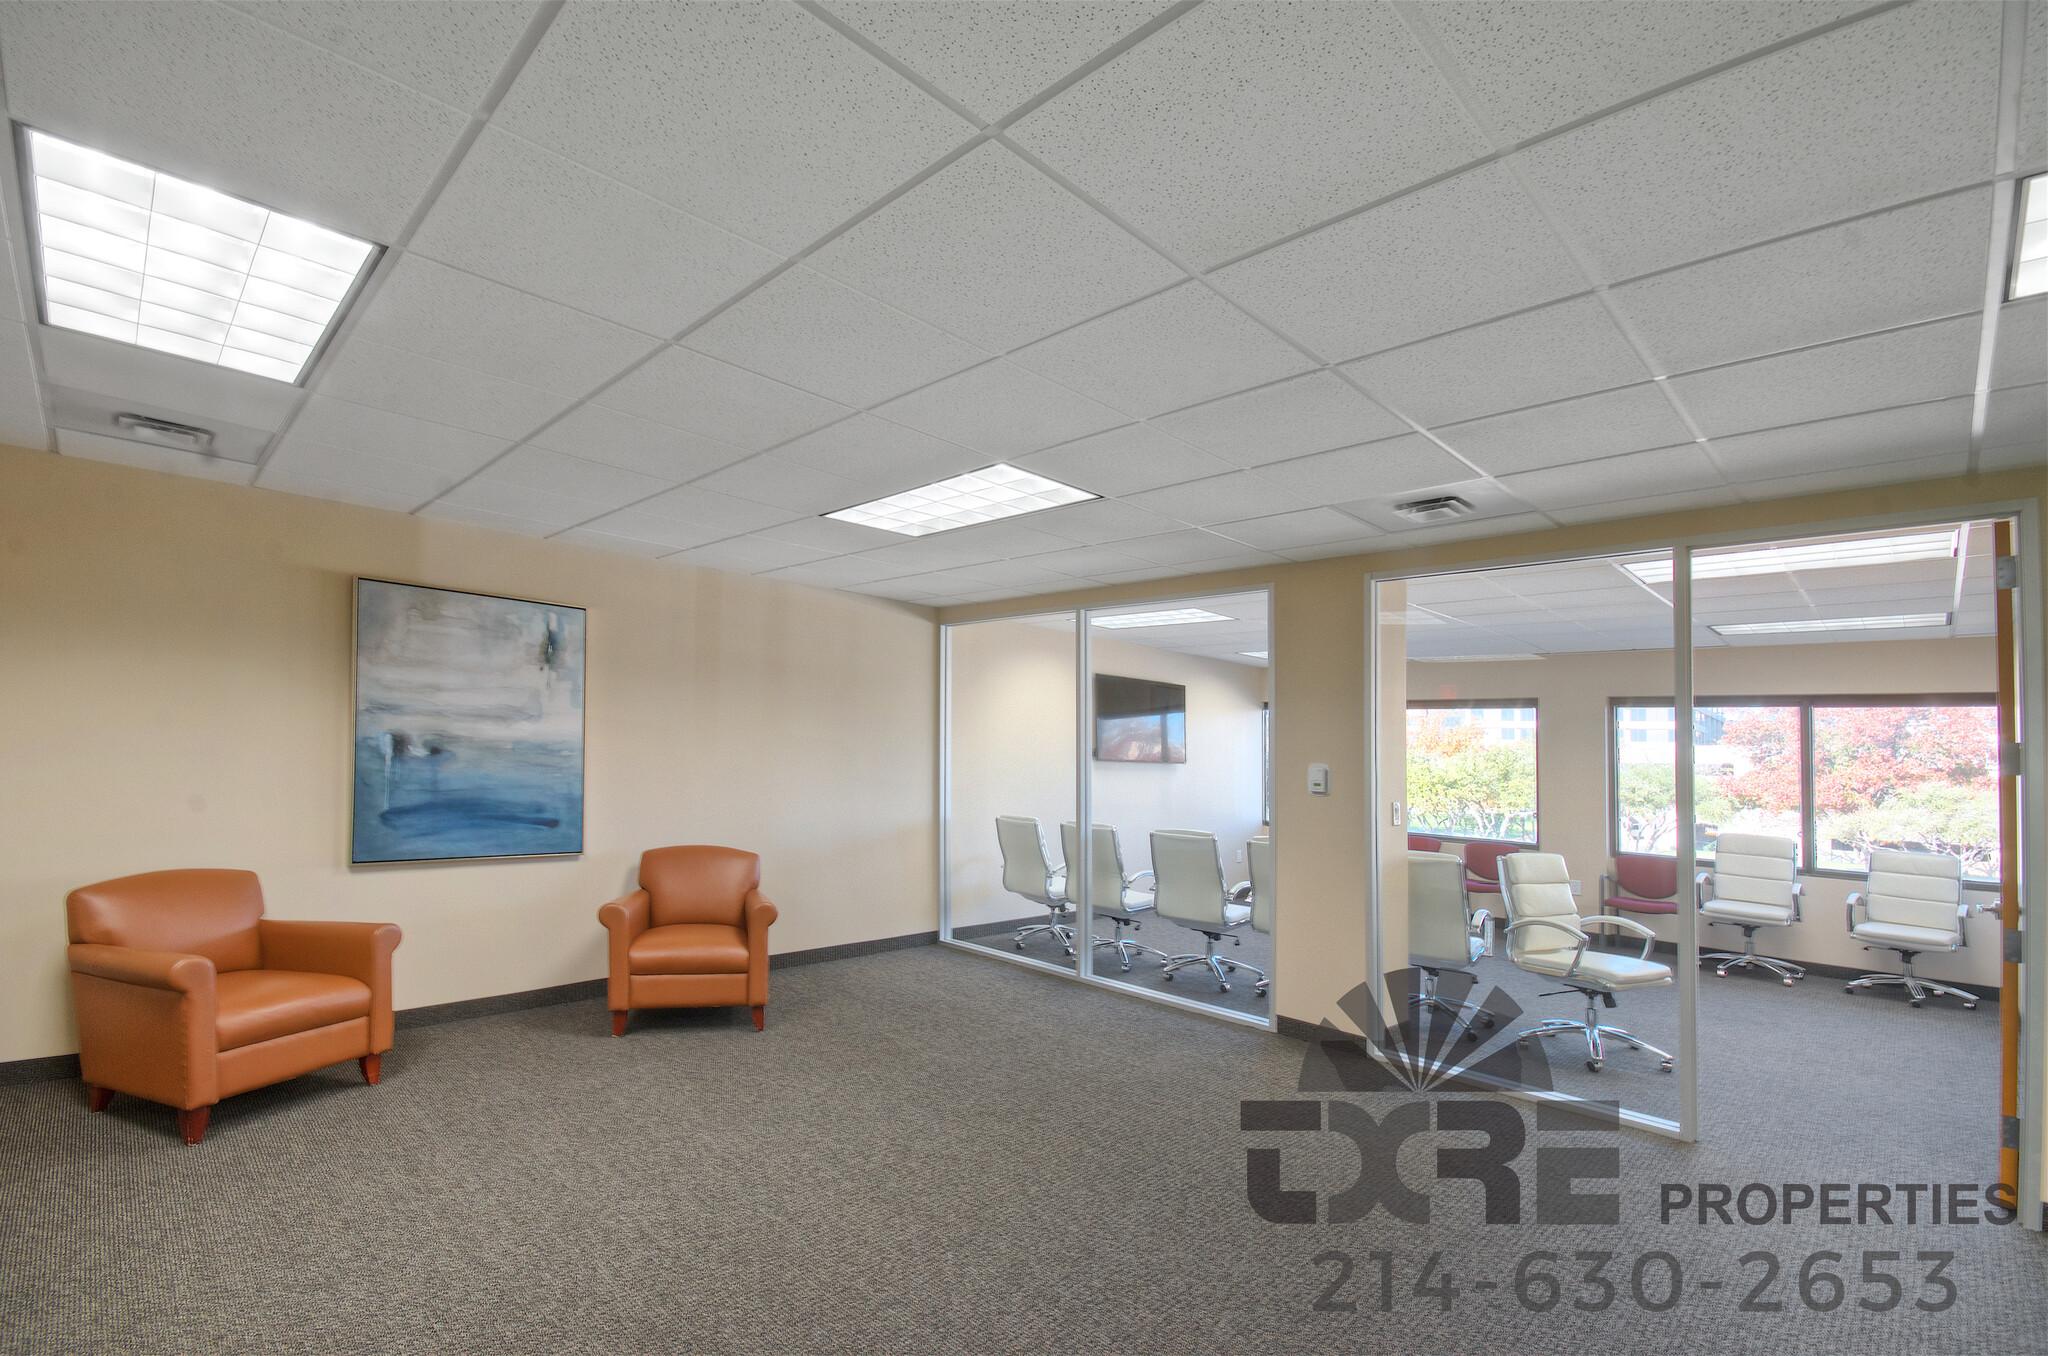 300 Decker Dr. office suite